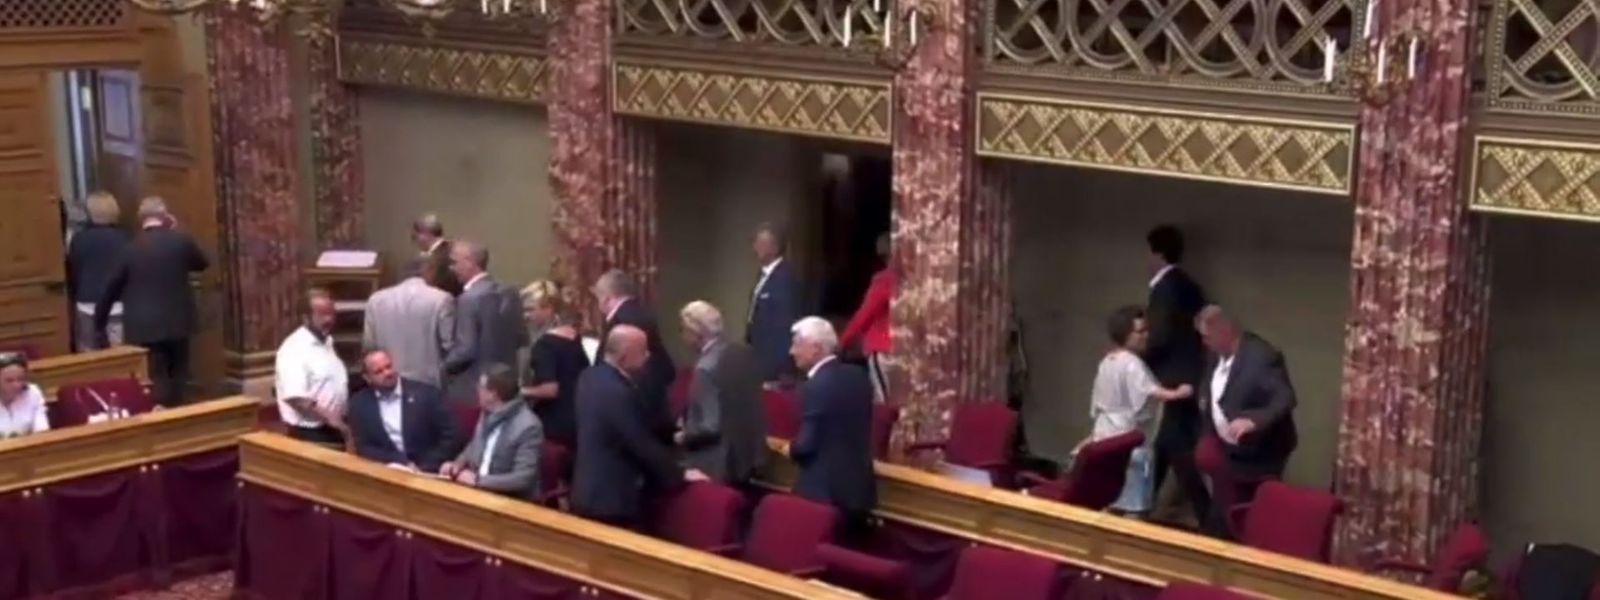 Nachdem die Opposition den Sitzungssaal verlassen hatte, blieben die rechten Bänke leer.